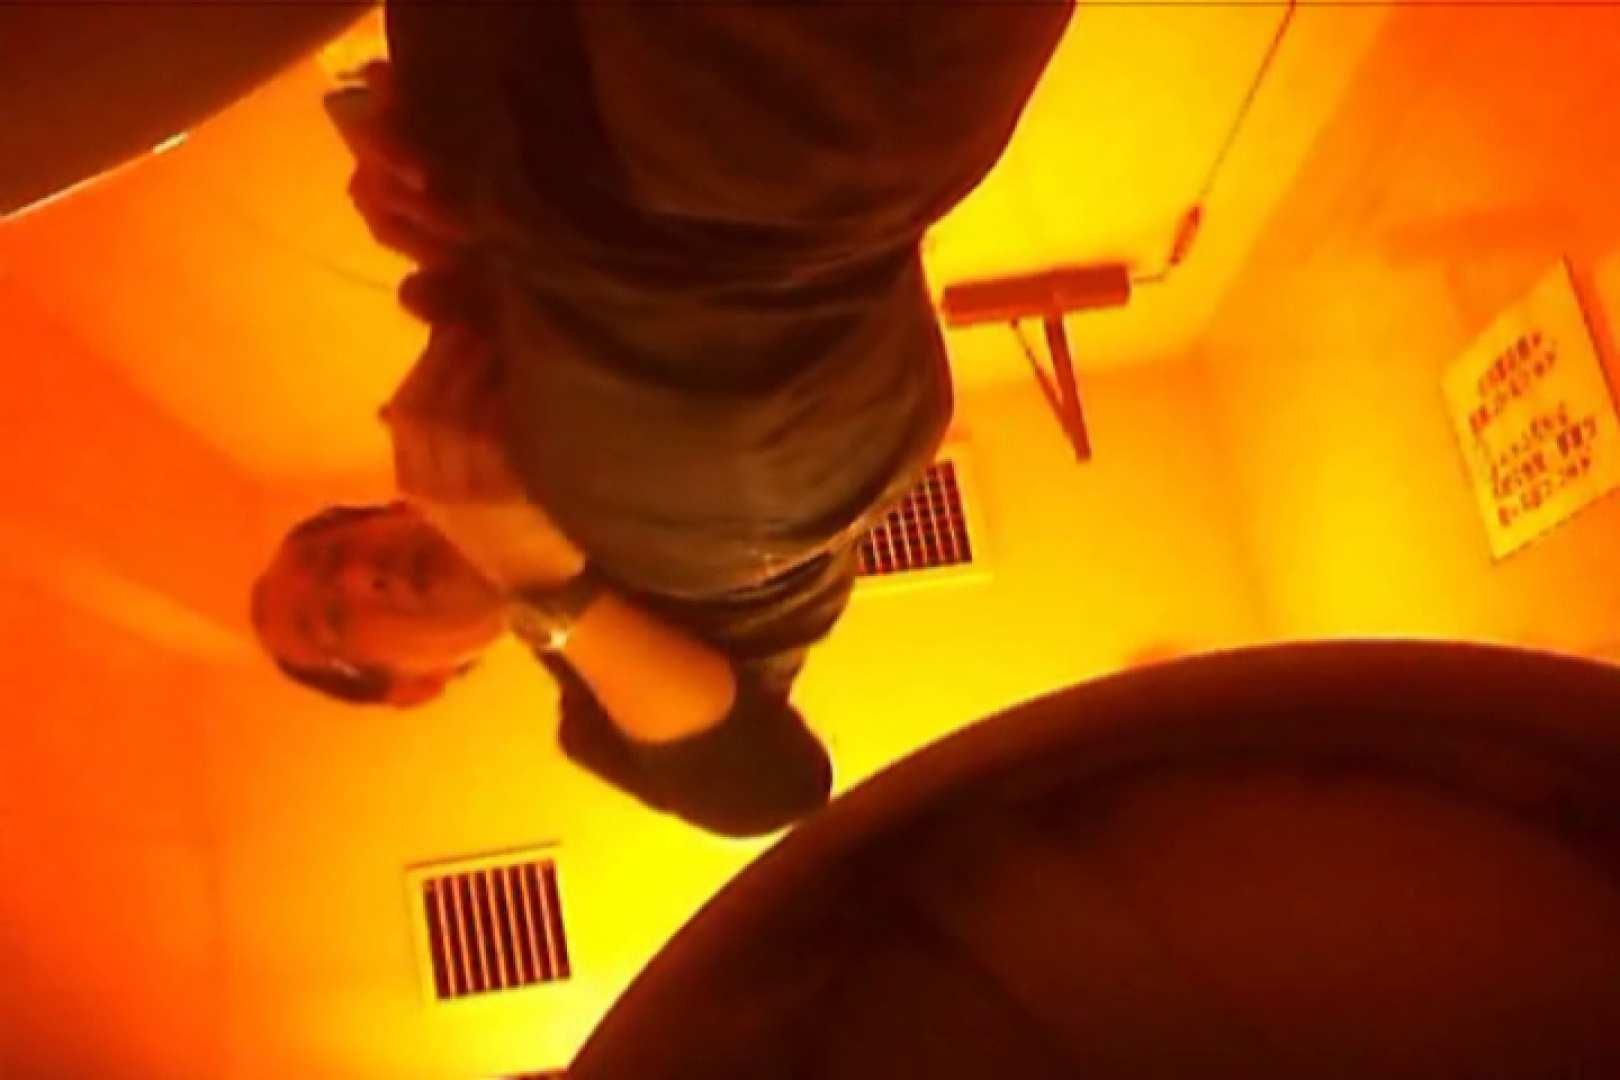 ゲイ 肉棒 動画|SEASON 2ND!掴み取りさんの洗面所覗き!in新幹線!VOL.23※超イケメン登場!!|スーツ